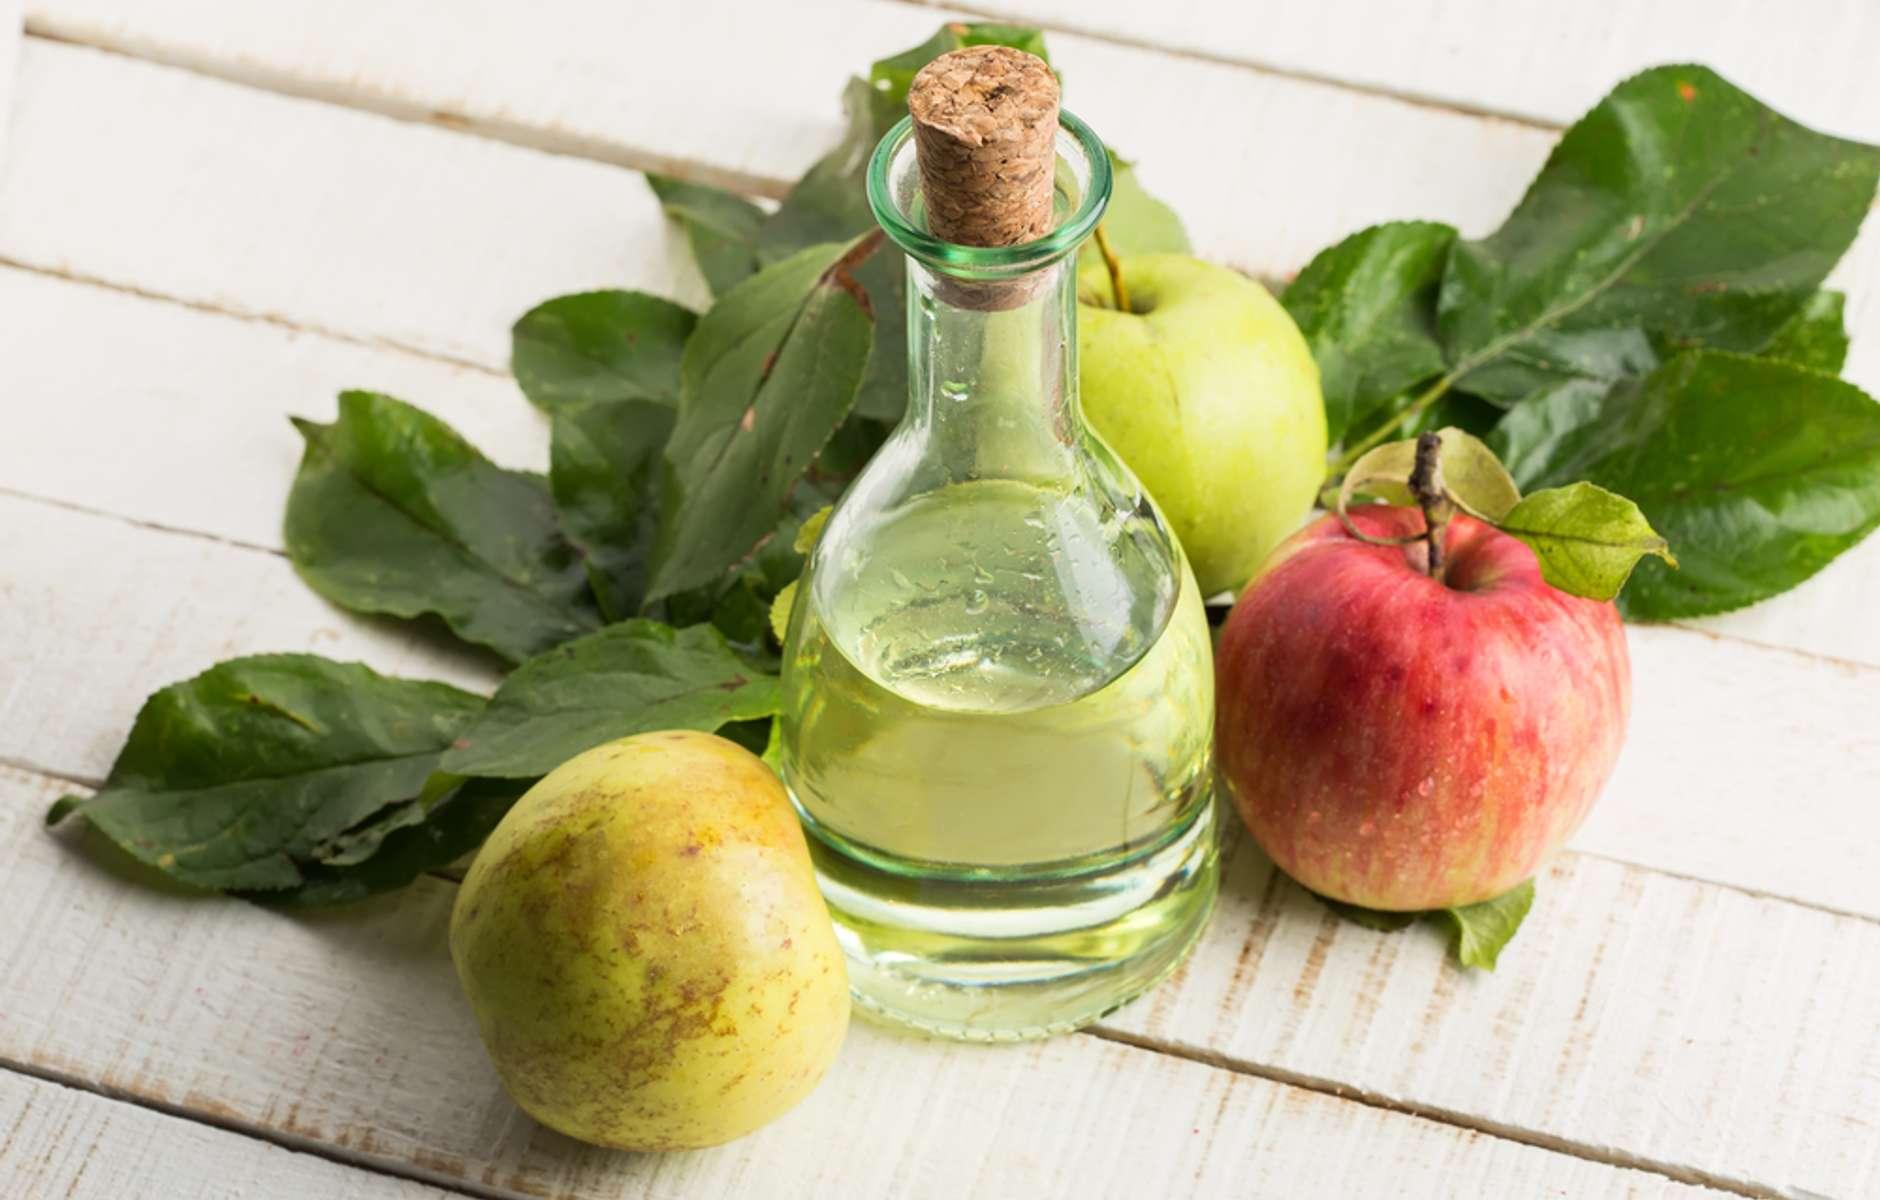 Как приготовить яблочный уксус в домашних условиях - простые рецепты приготовления